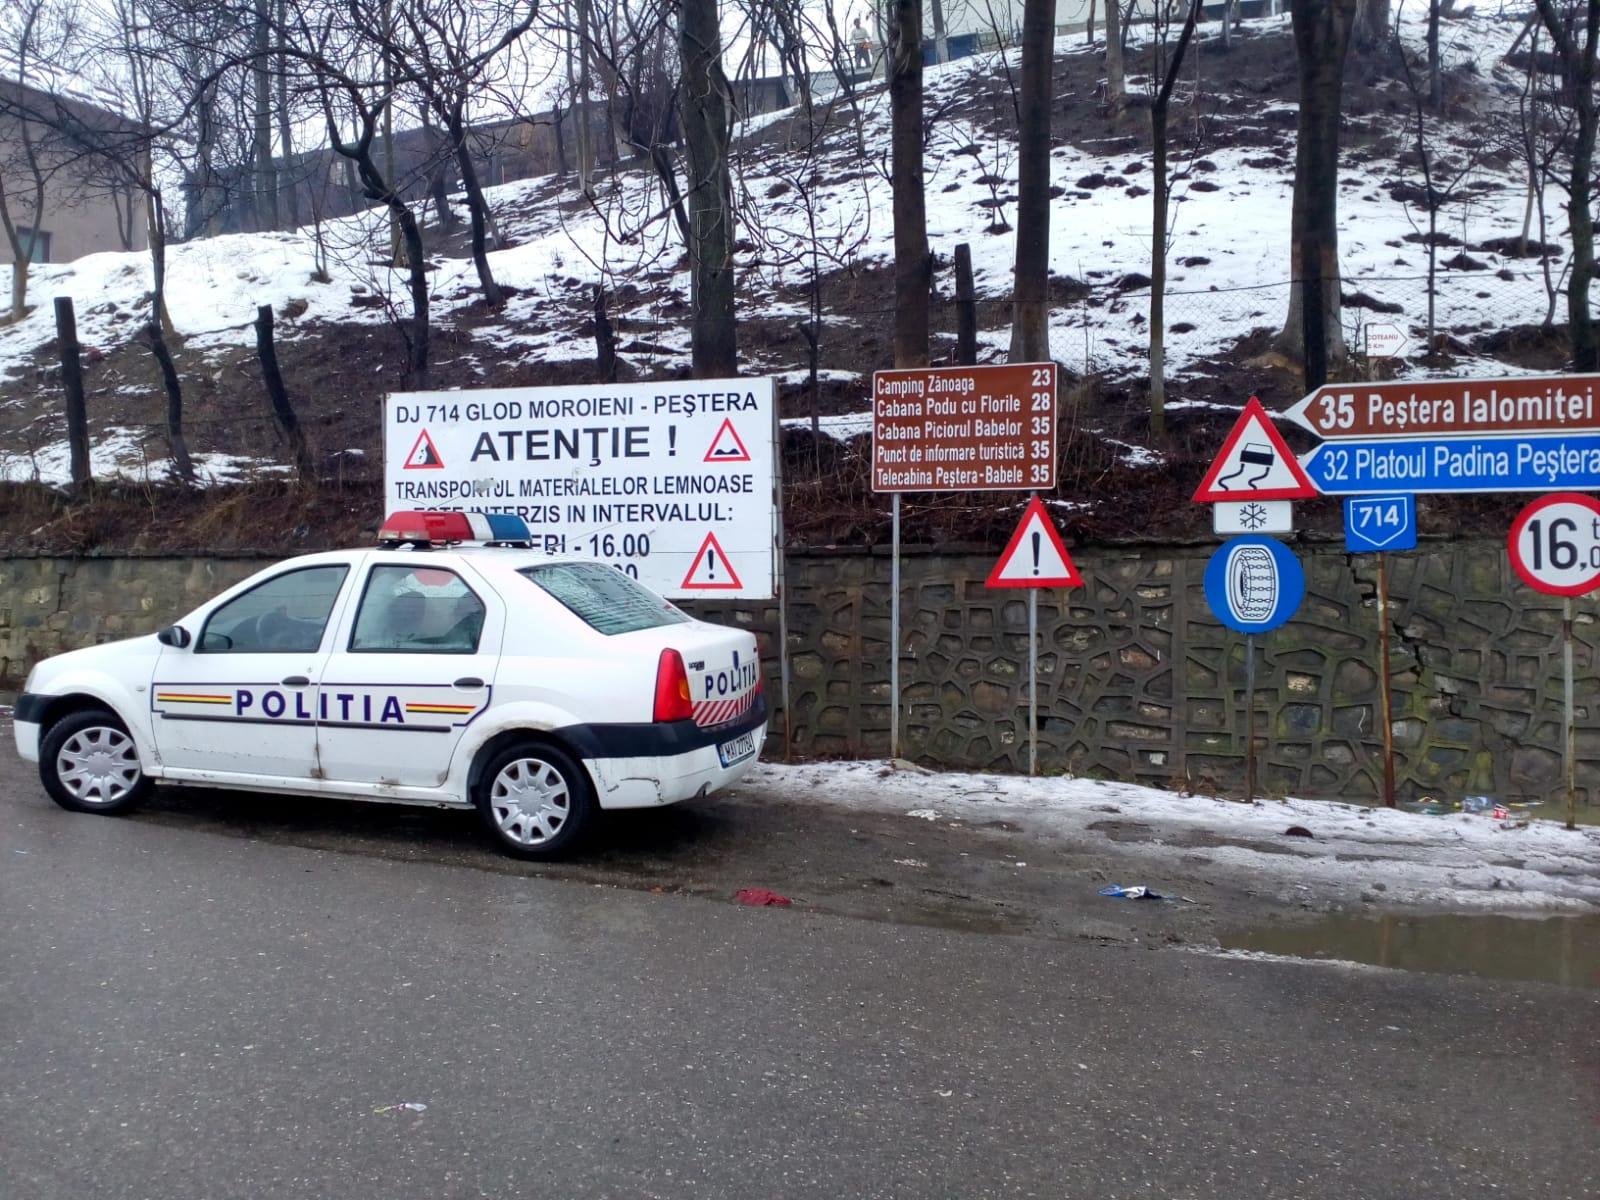 POLIȚIA A BLOCAT CIRCULAȚIA PE DJ714! TURIȘTII DIN MUNTE SUNĂ DUPĂ AJUTOR